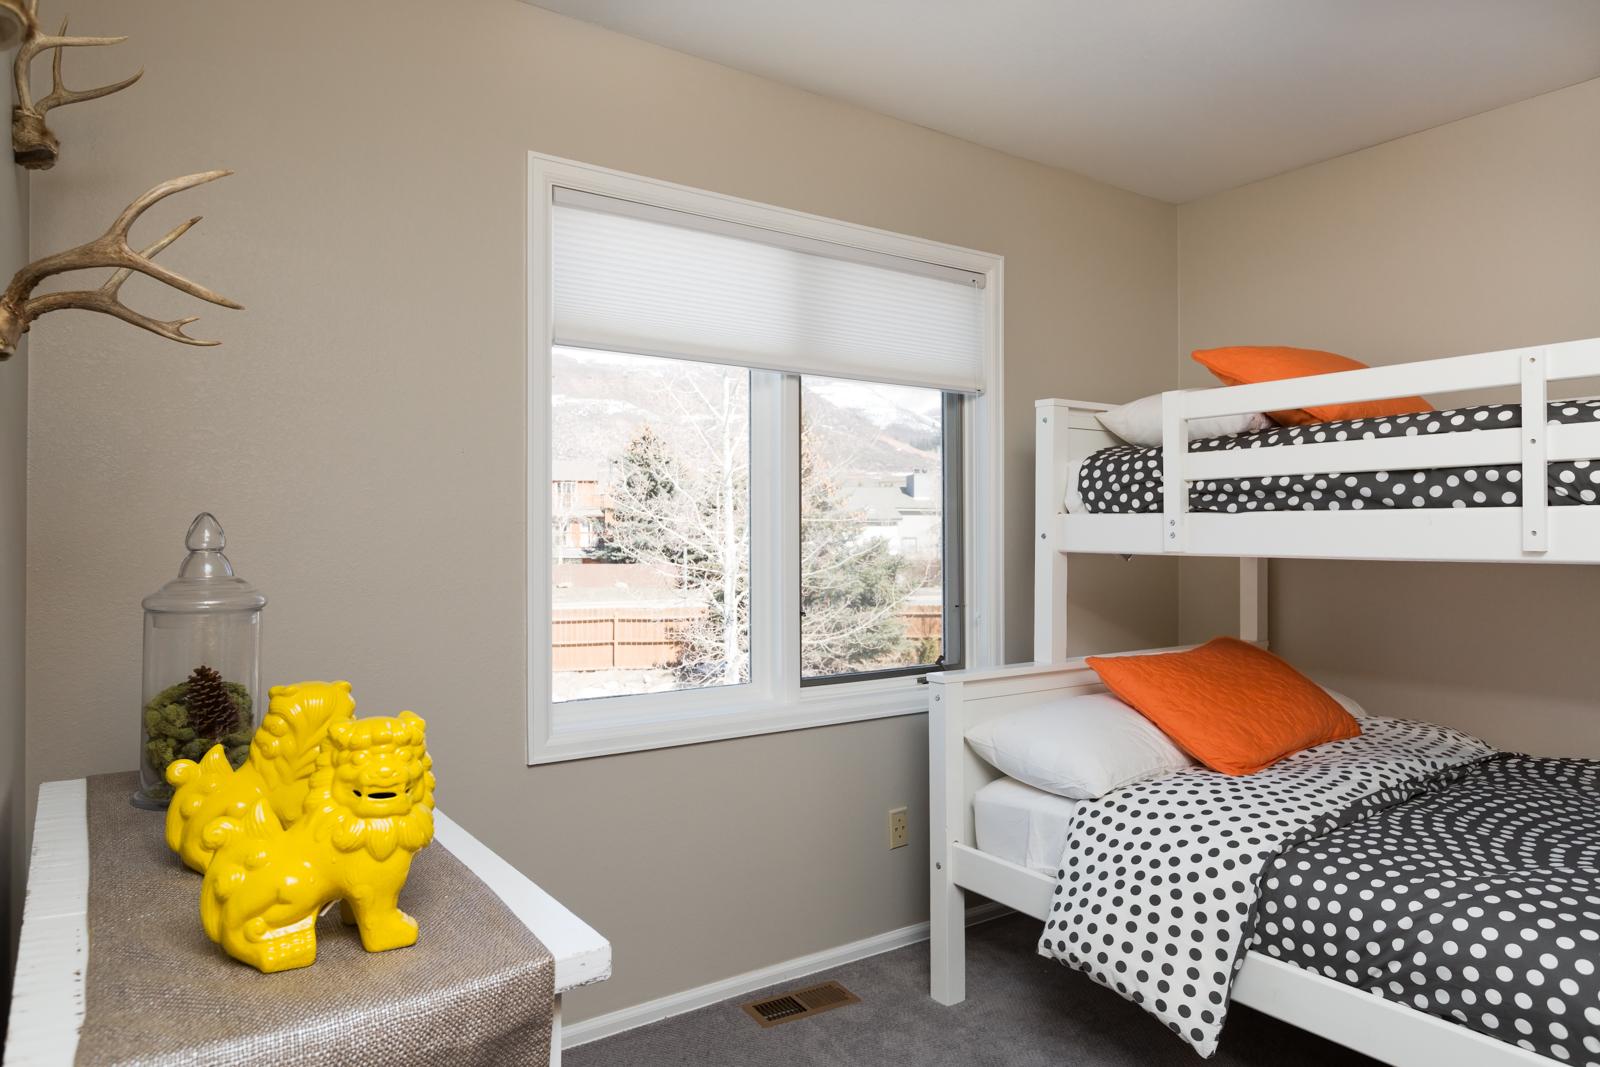 Third_bedroom-2-3128704386-O.jpg